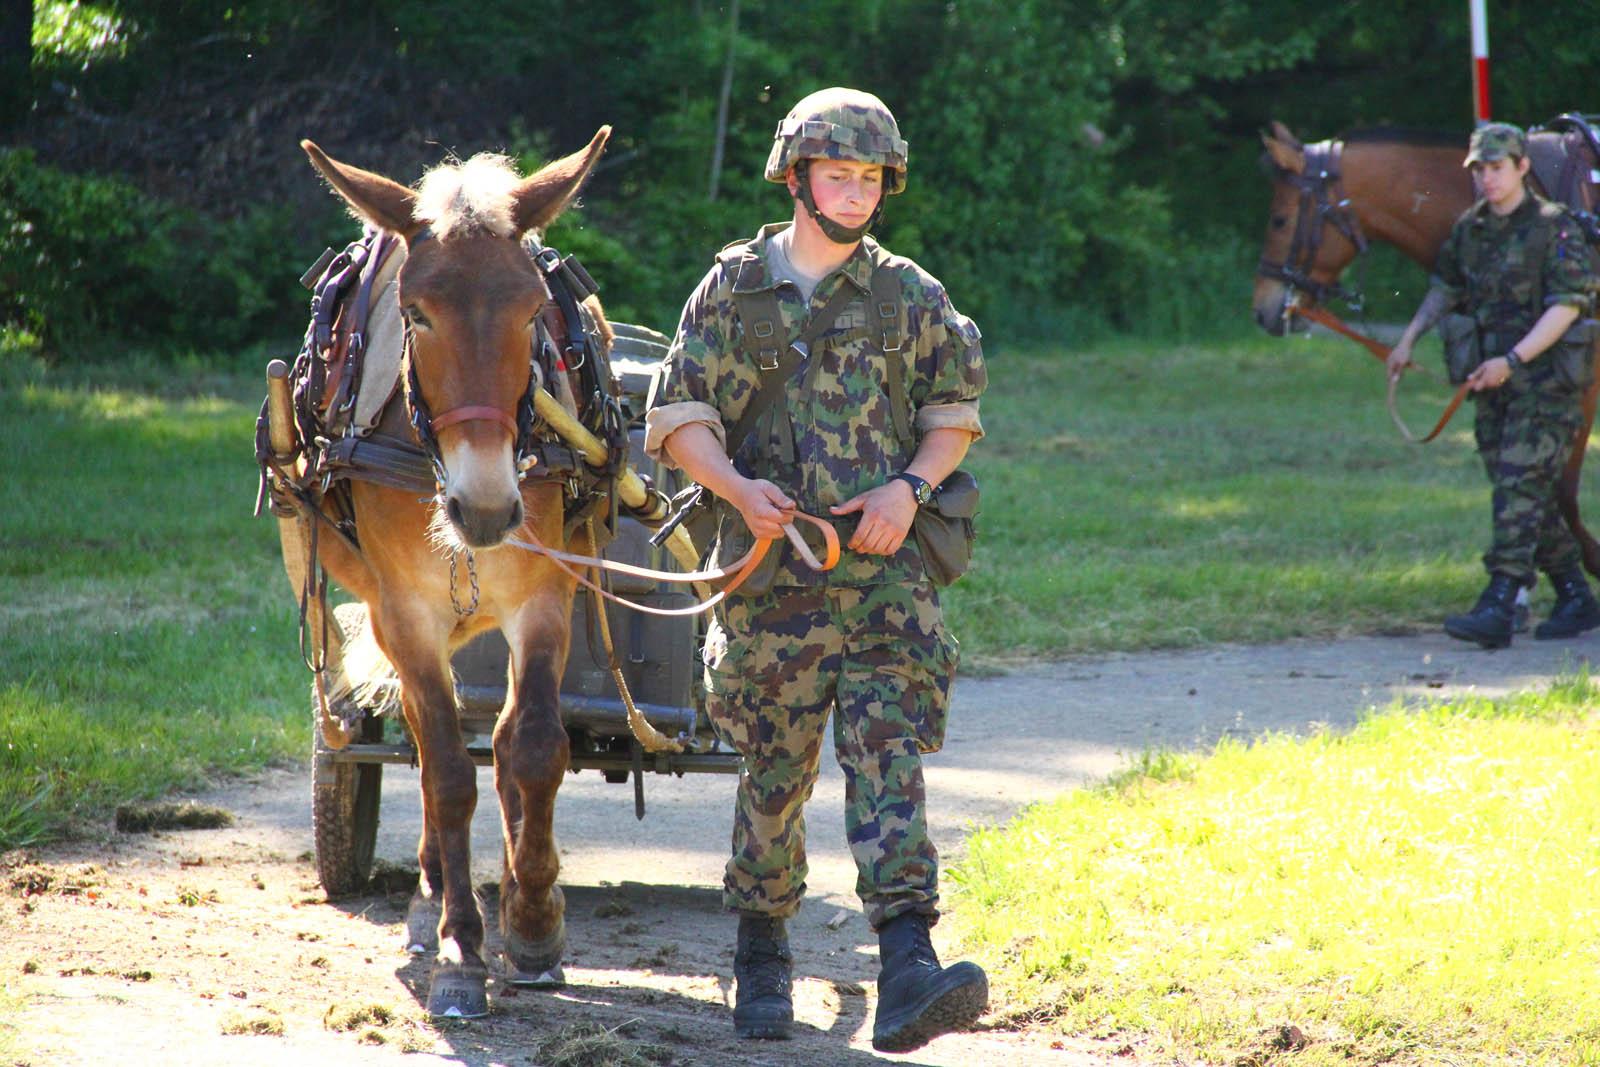 Armeepferde – Nationales Pferdezentrum Bern